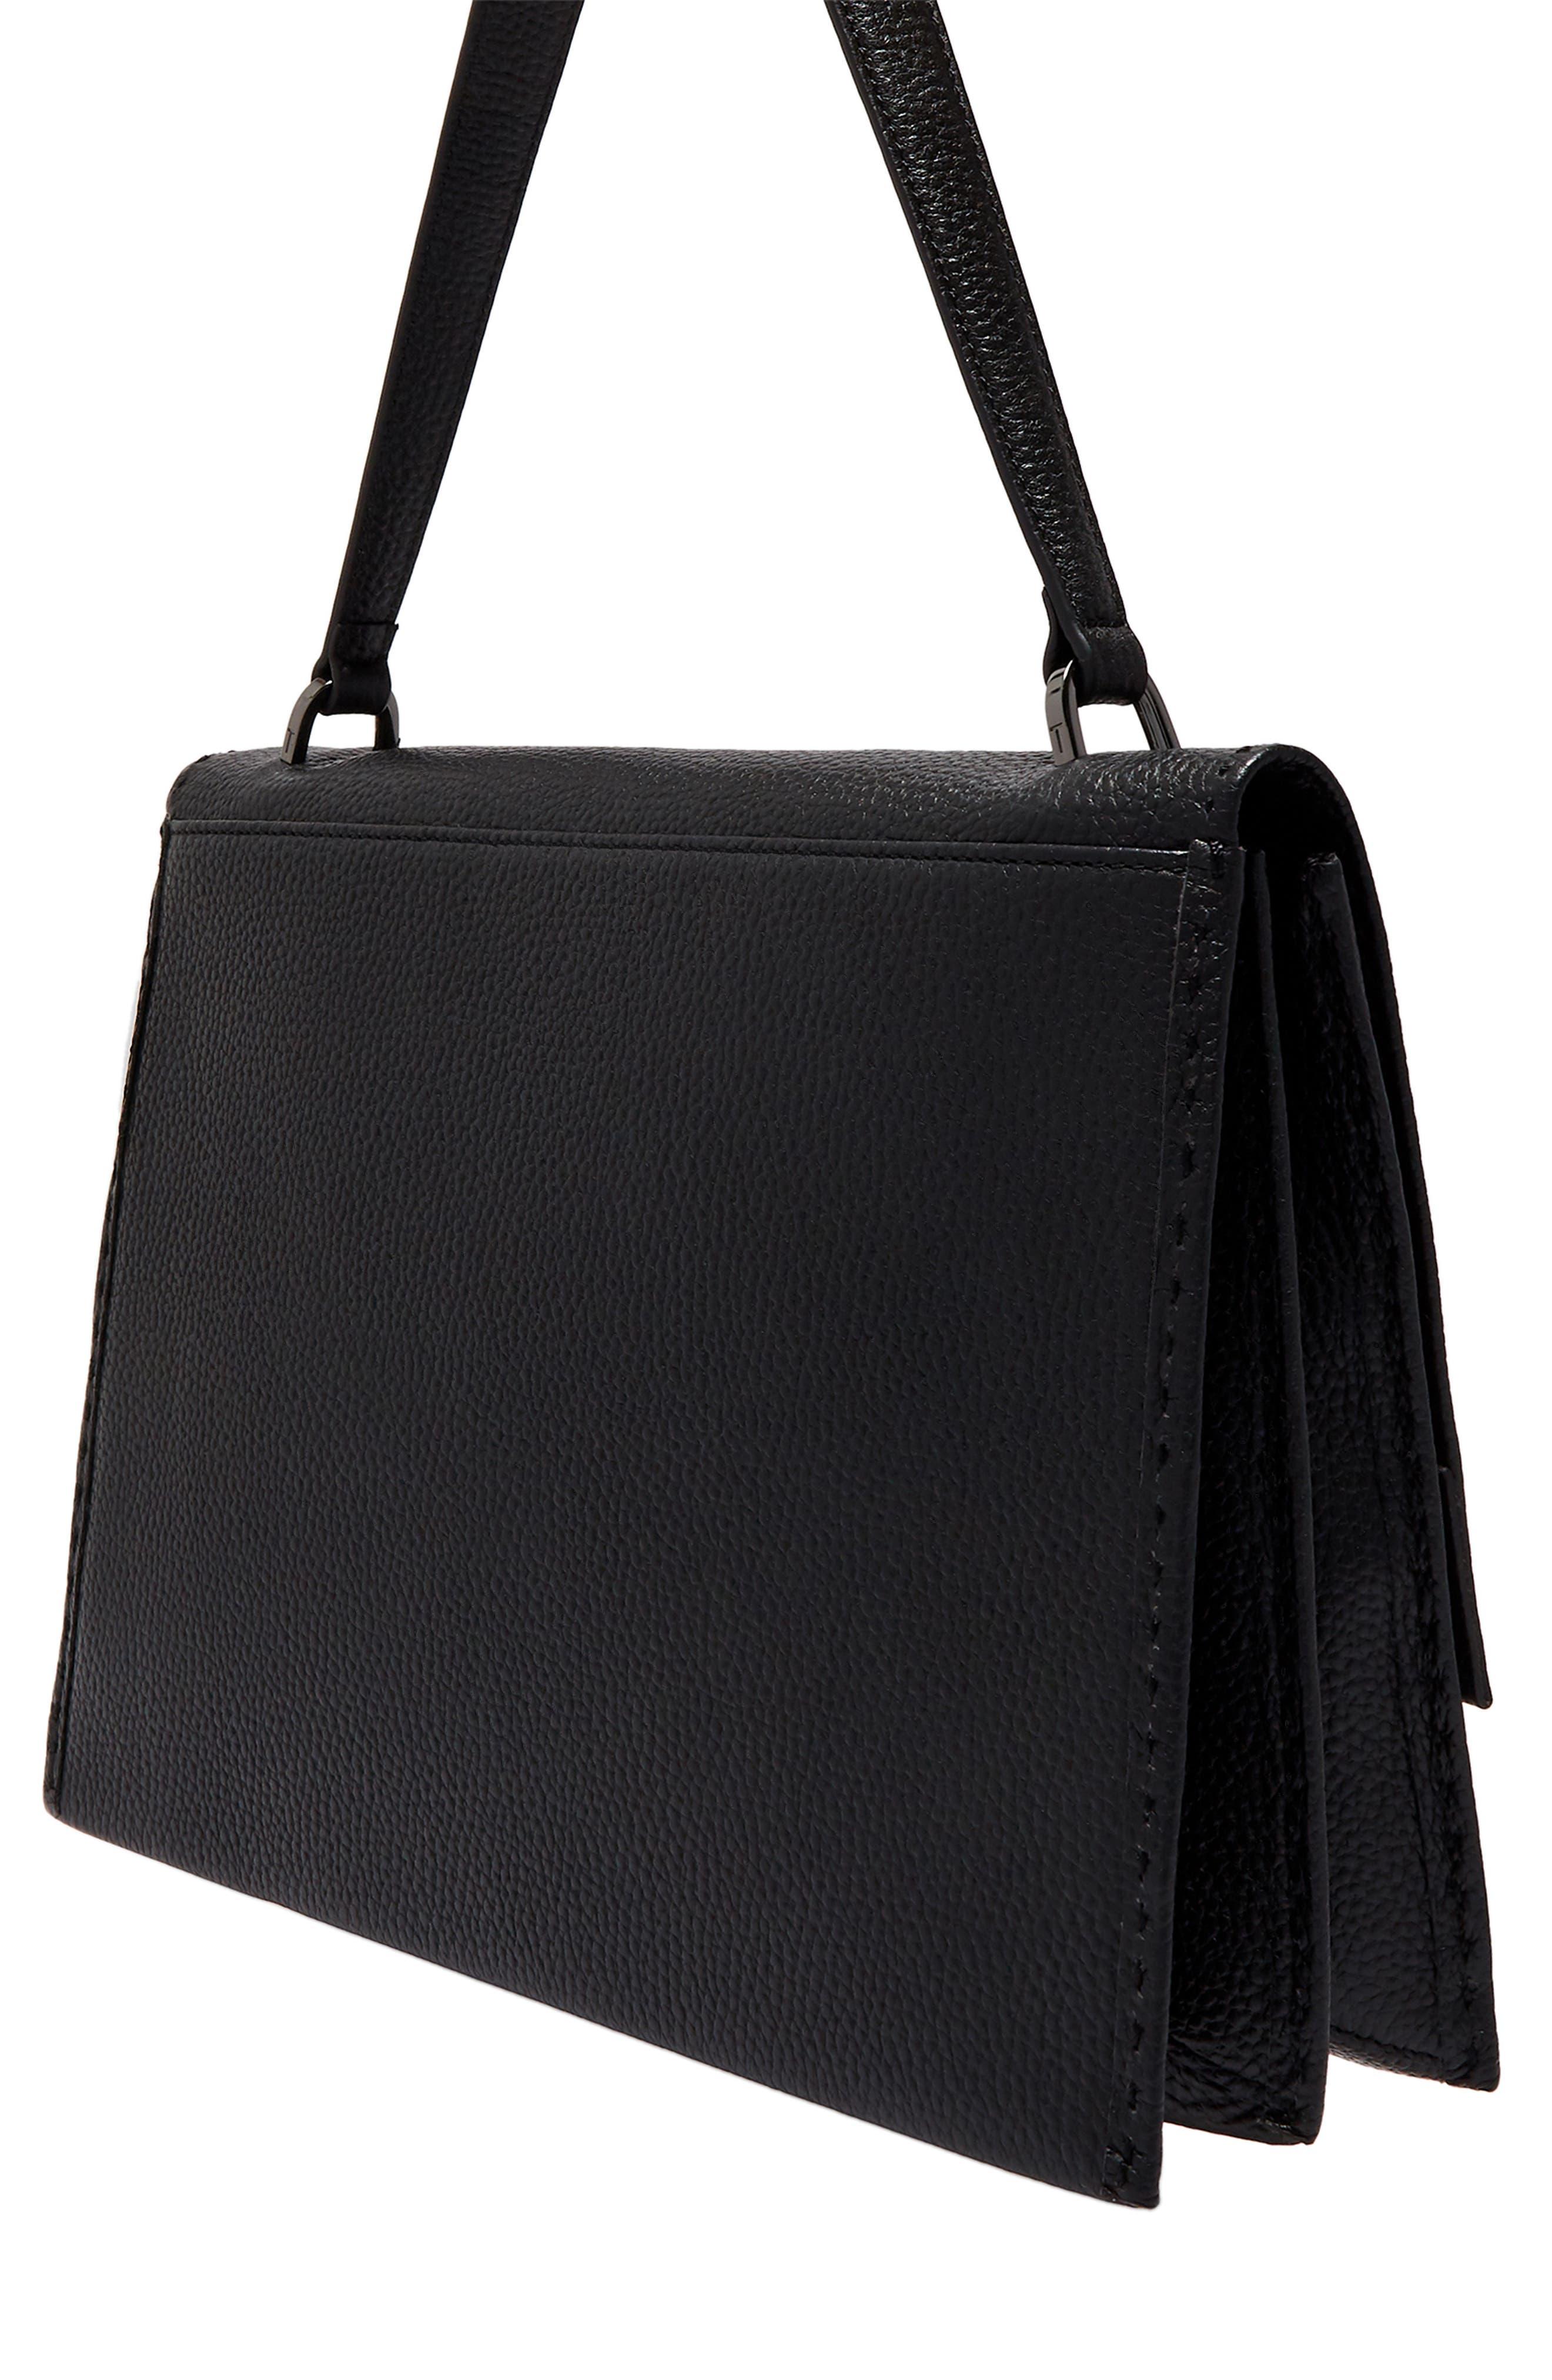 Jessi Leather Shoulder Bag,                             Alternate thumbnail 2, color,                             BLACK